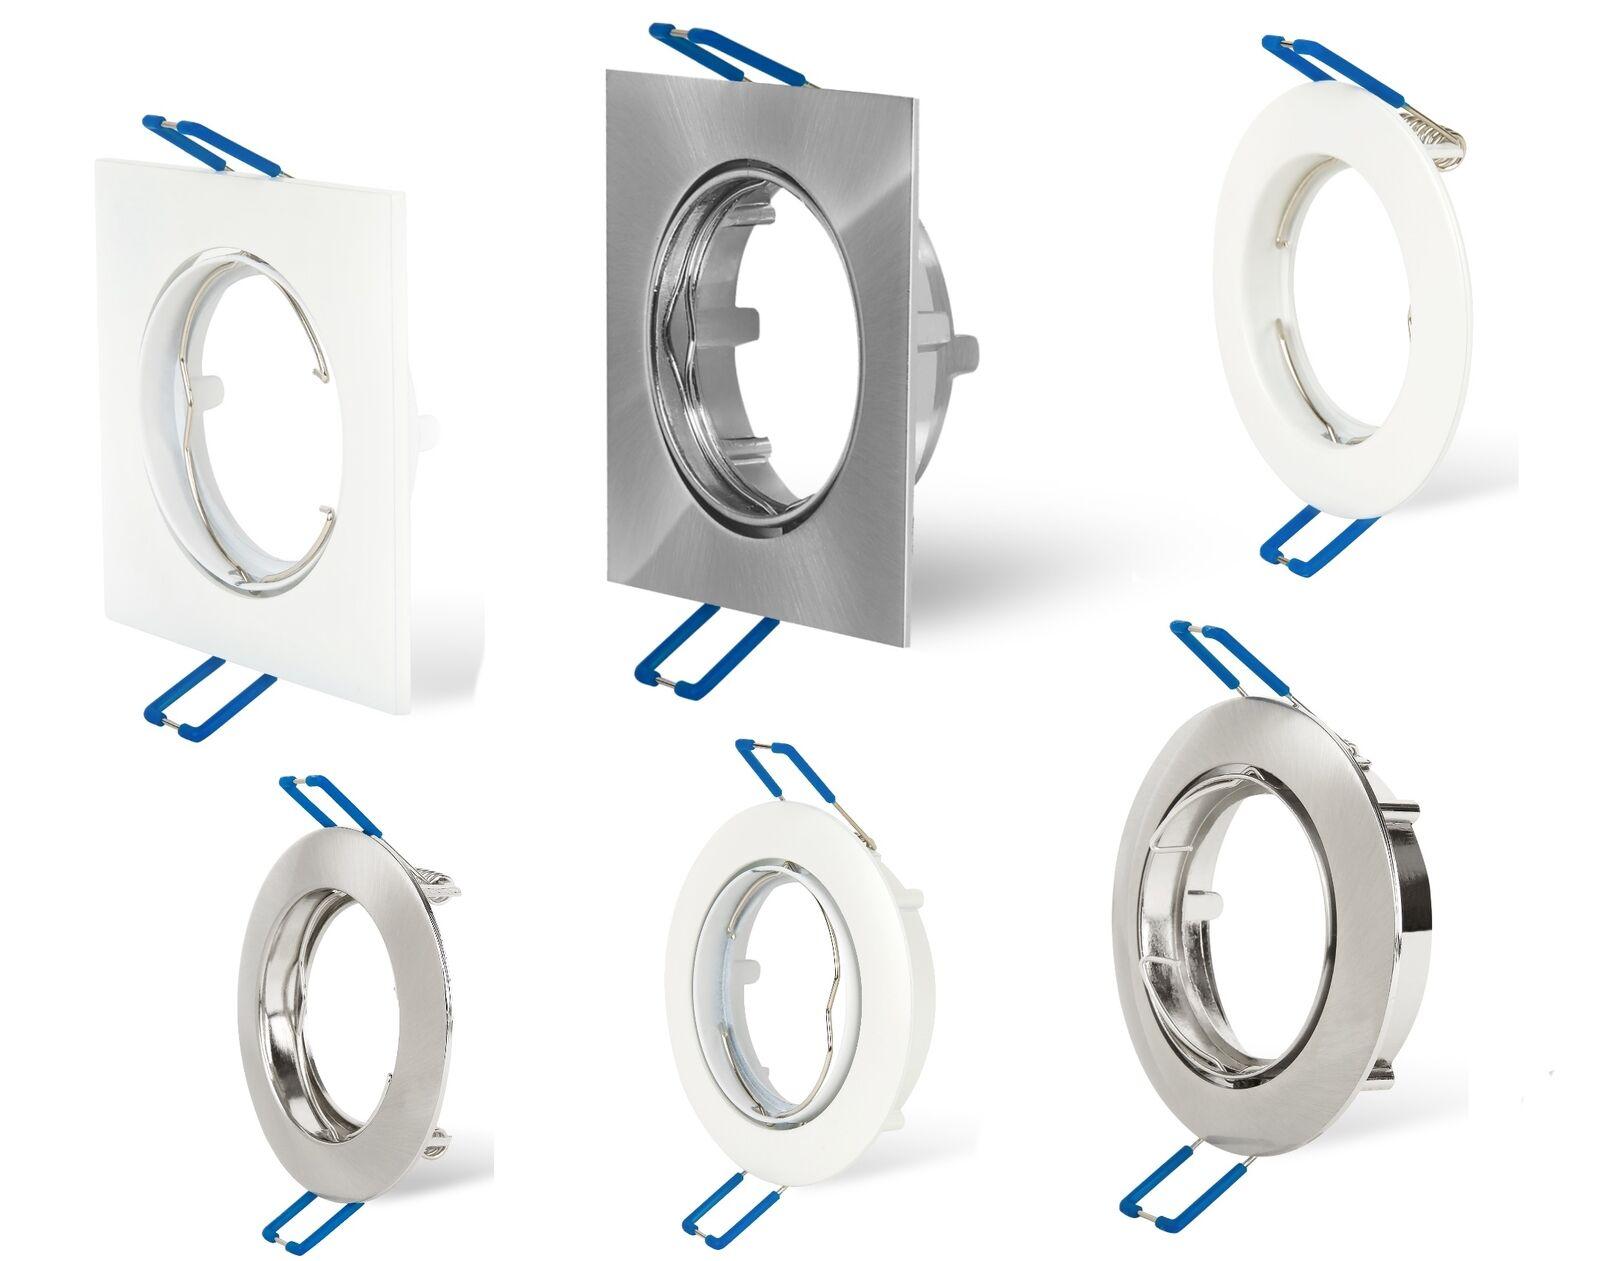 LED Spot encastré cadre forme forme forme carrée, ronde pivotant Cadre d'encastreHommes t GU10 6880b5